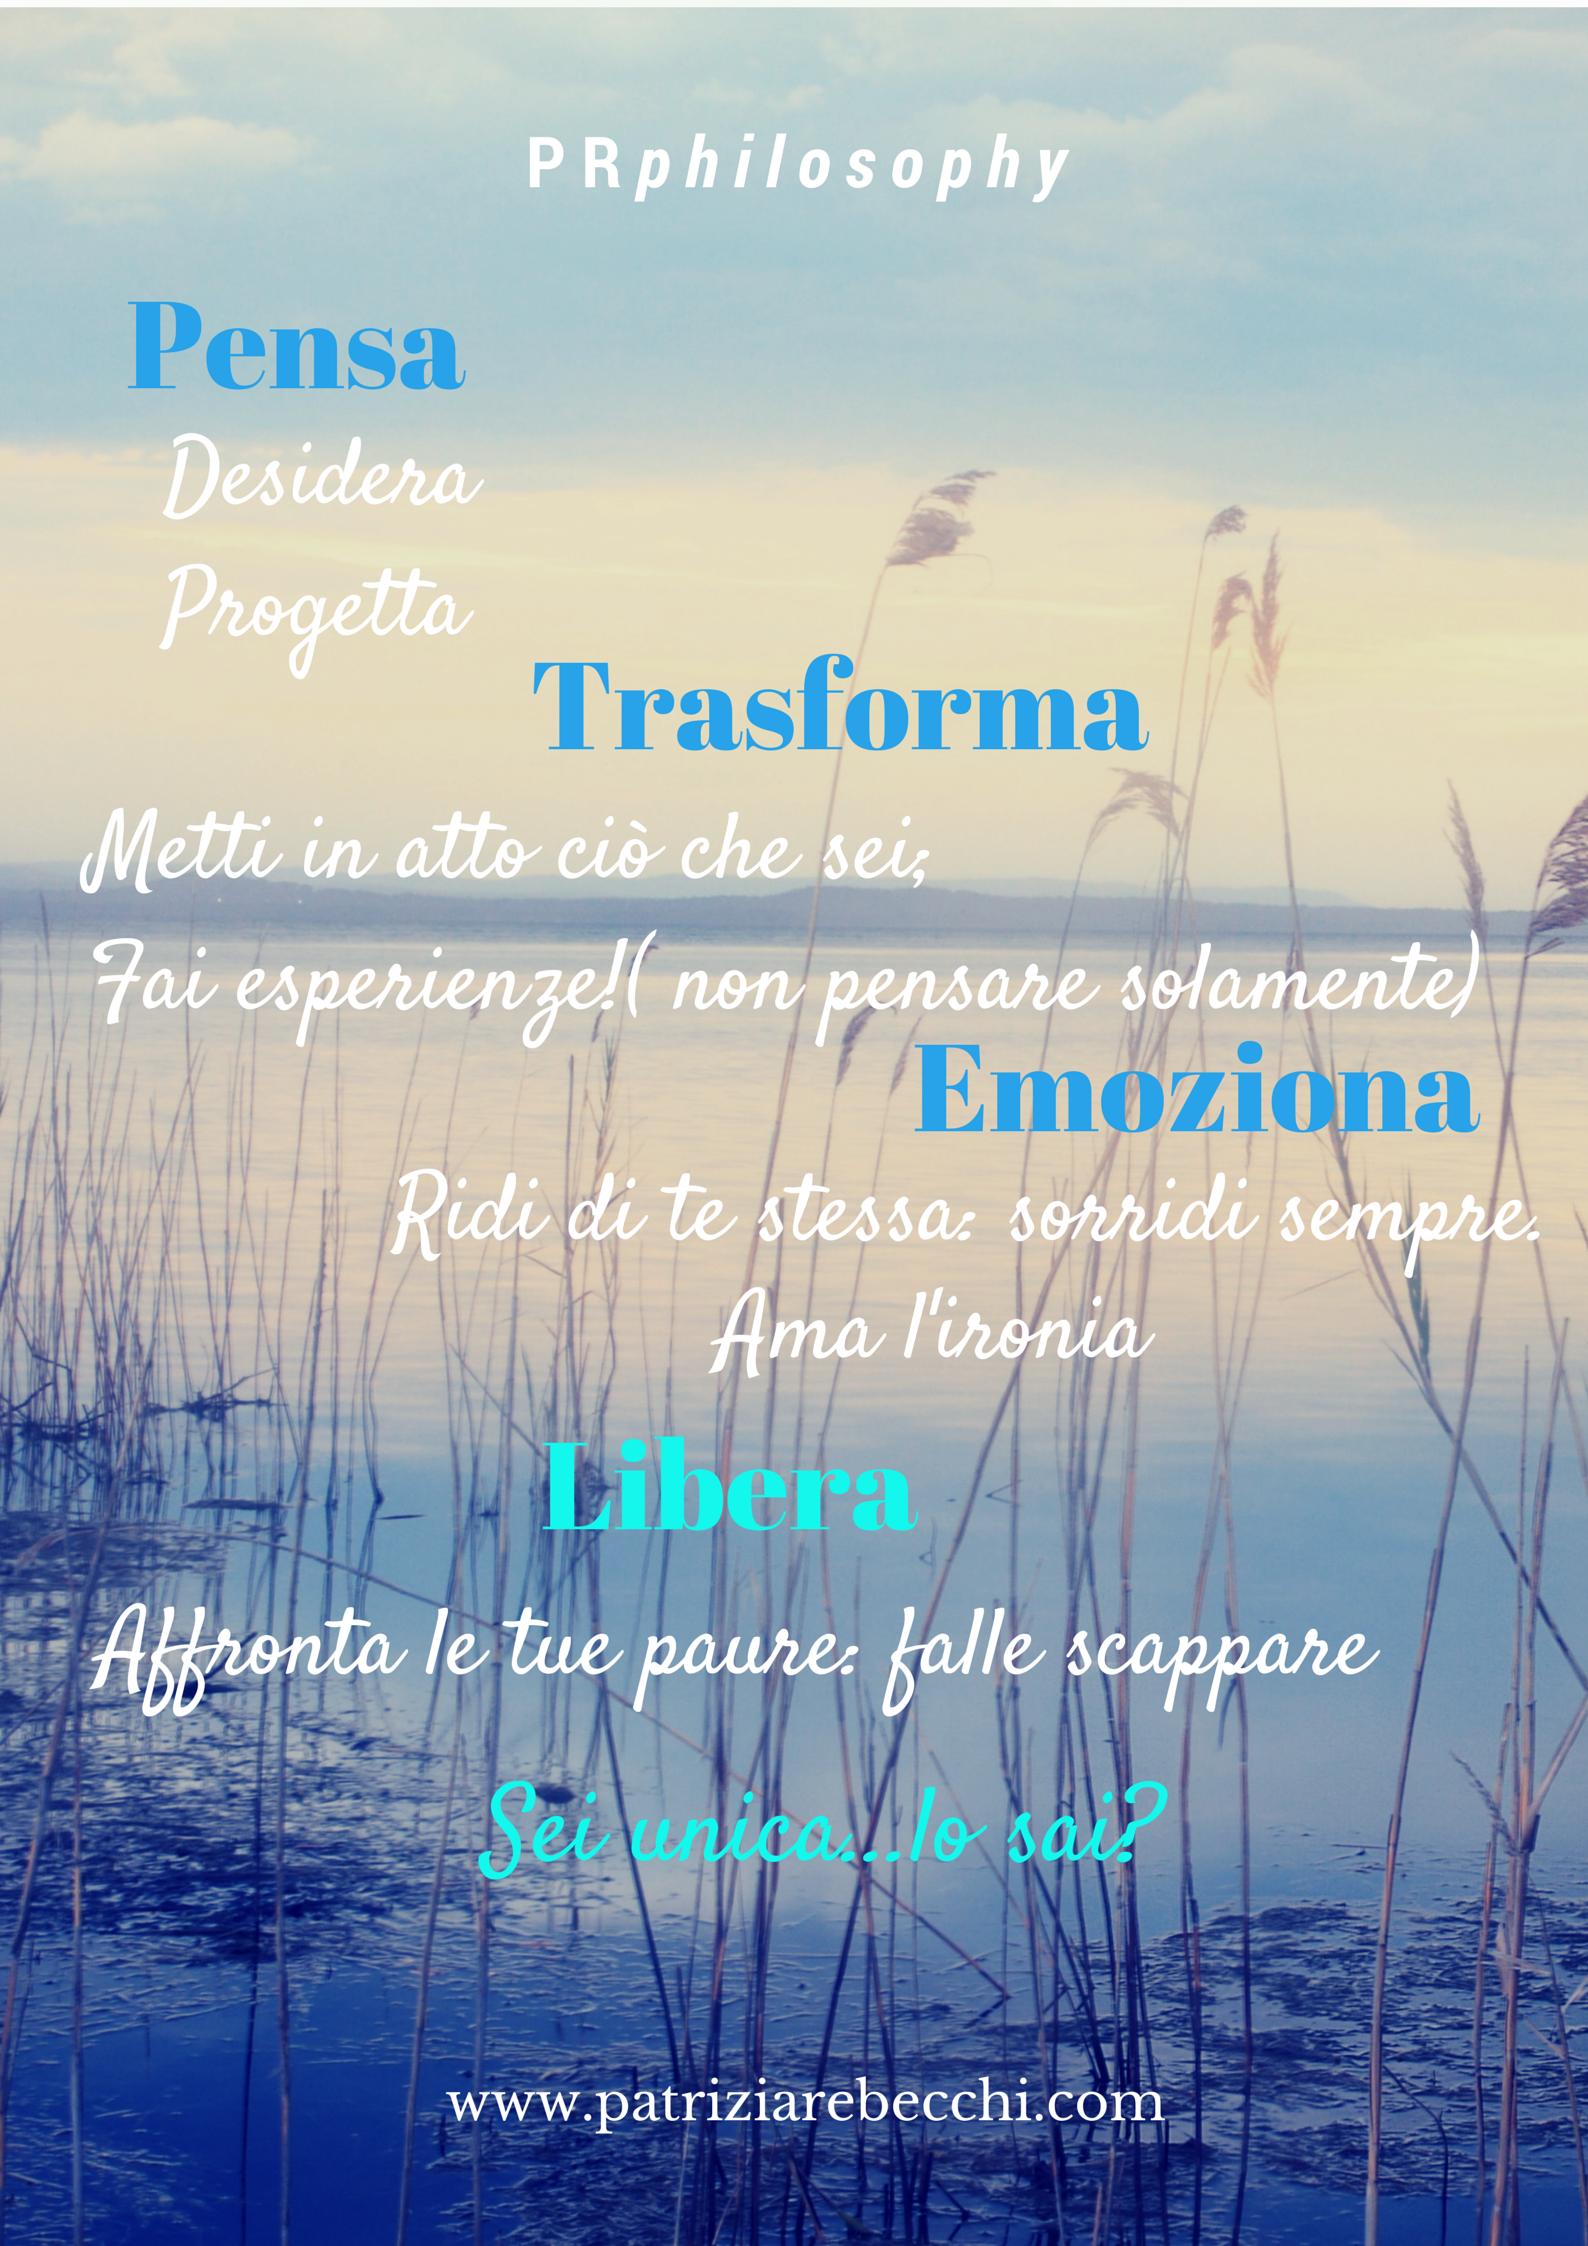 elenco di valori e input del brand Patrizia Rebecchi